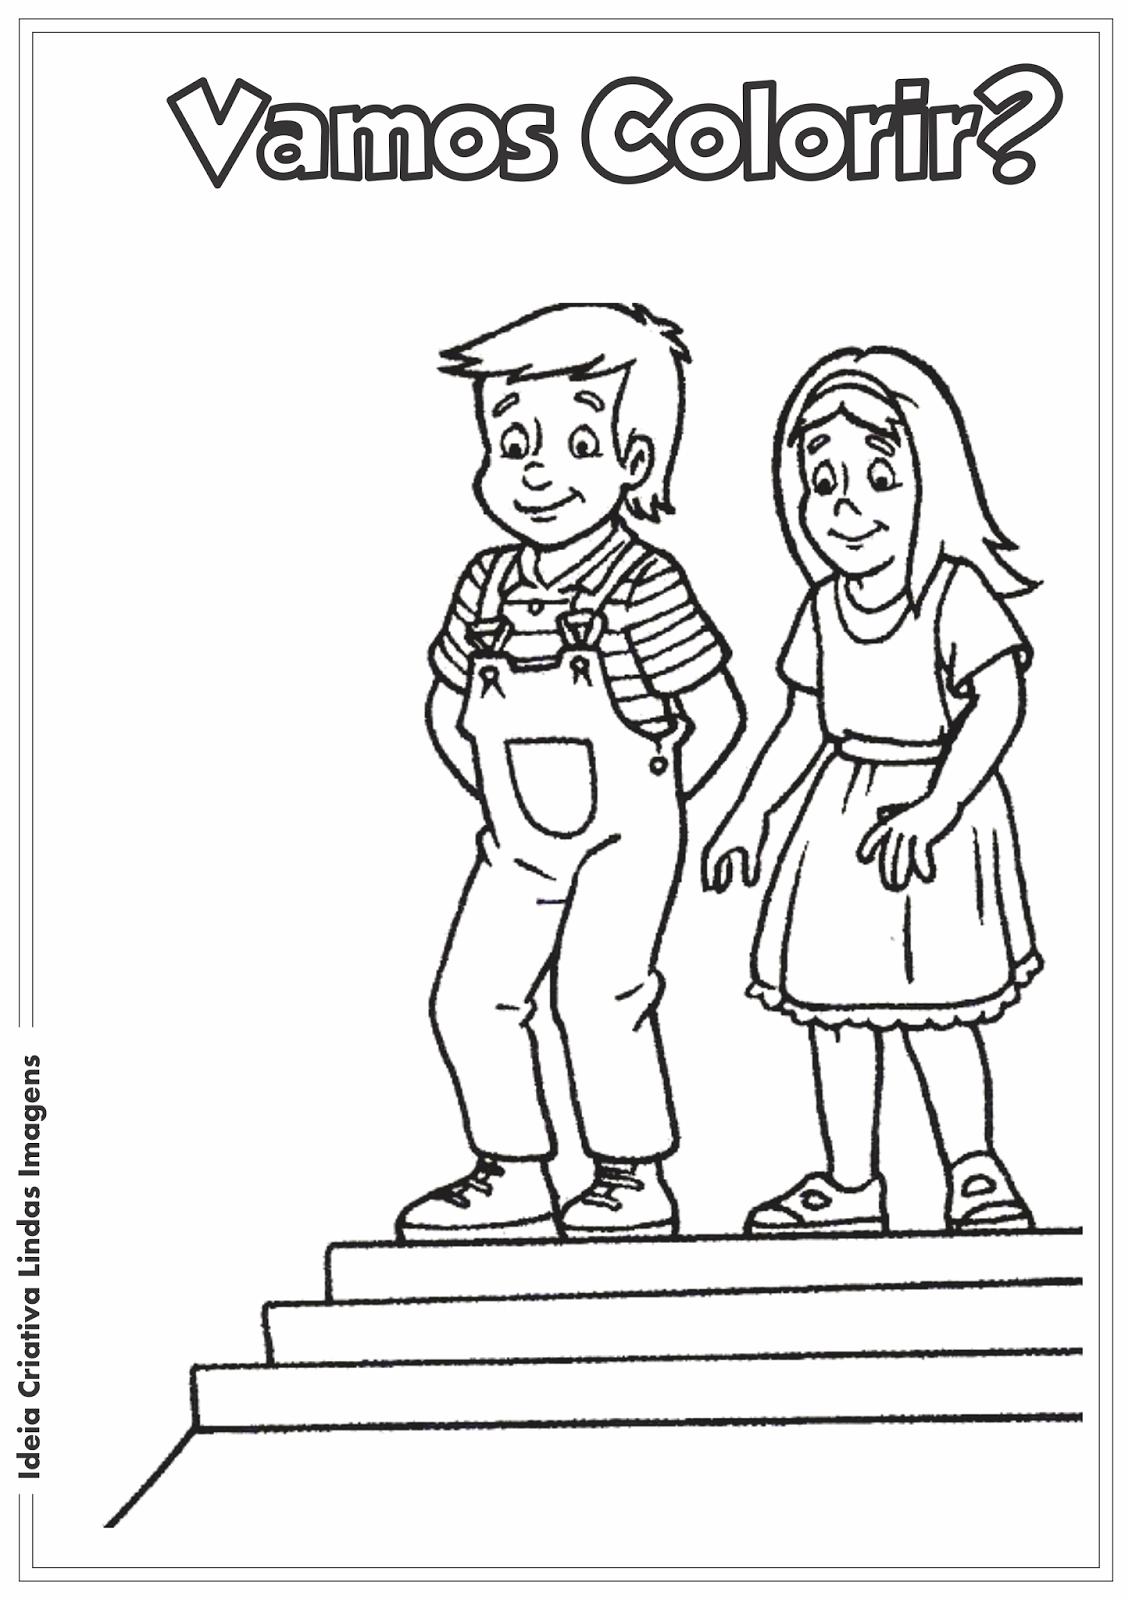 Dia de Monteiro Lobato - Sítio do Picapau Amarelo - Narizinho e Pedrinho desenho para colorir